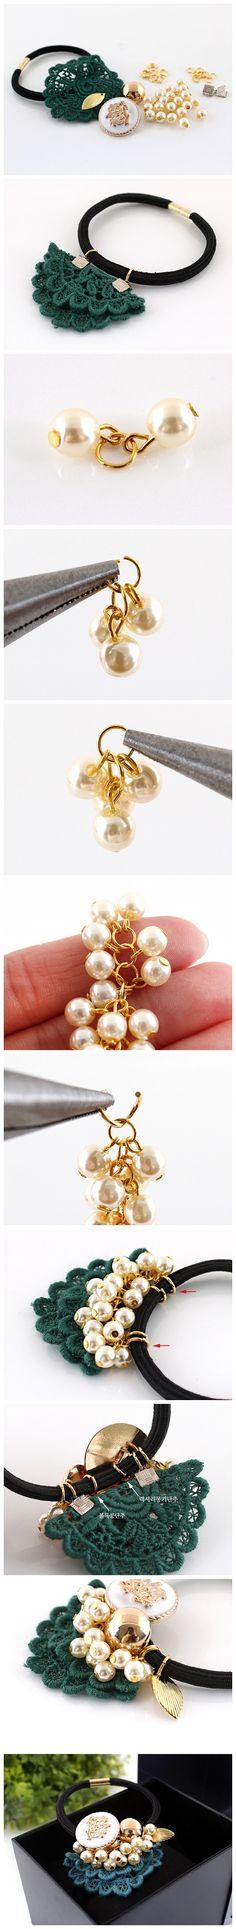 DIY &8211; elastic hair with pearls